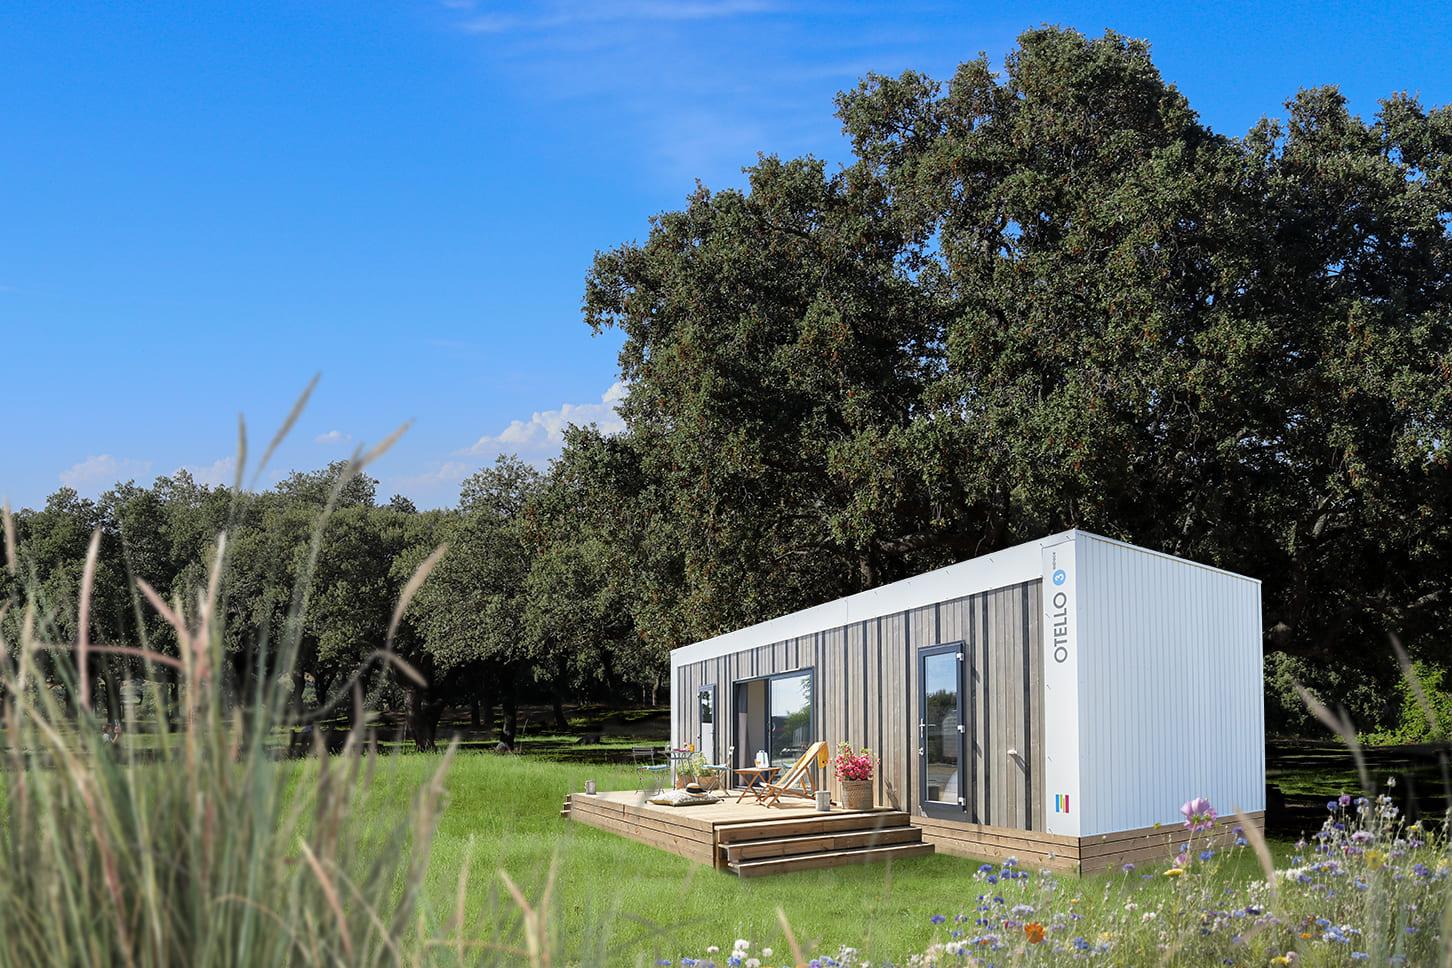 Cottage Premium 3 chambres 2 sdb les sables d'olonne camping Domaine de l'Orée